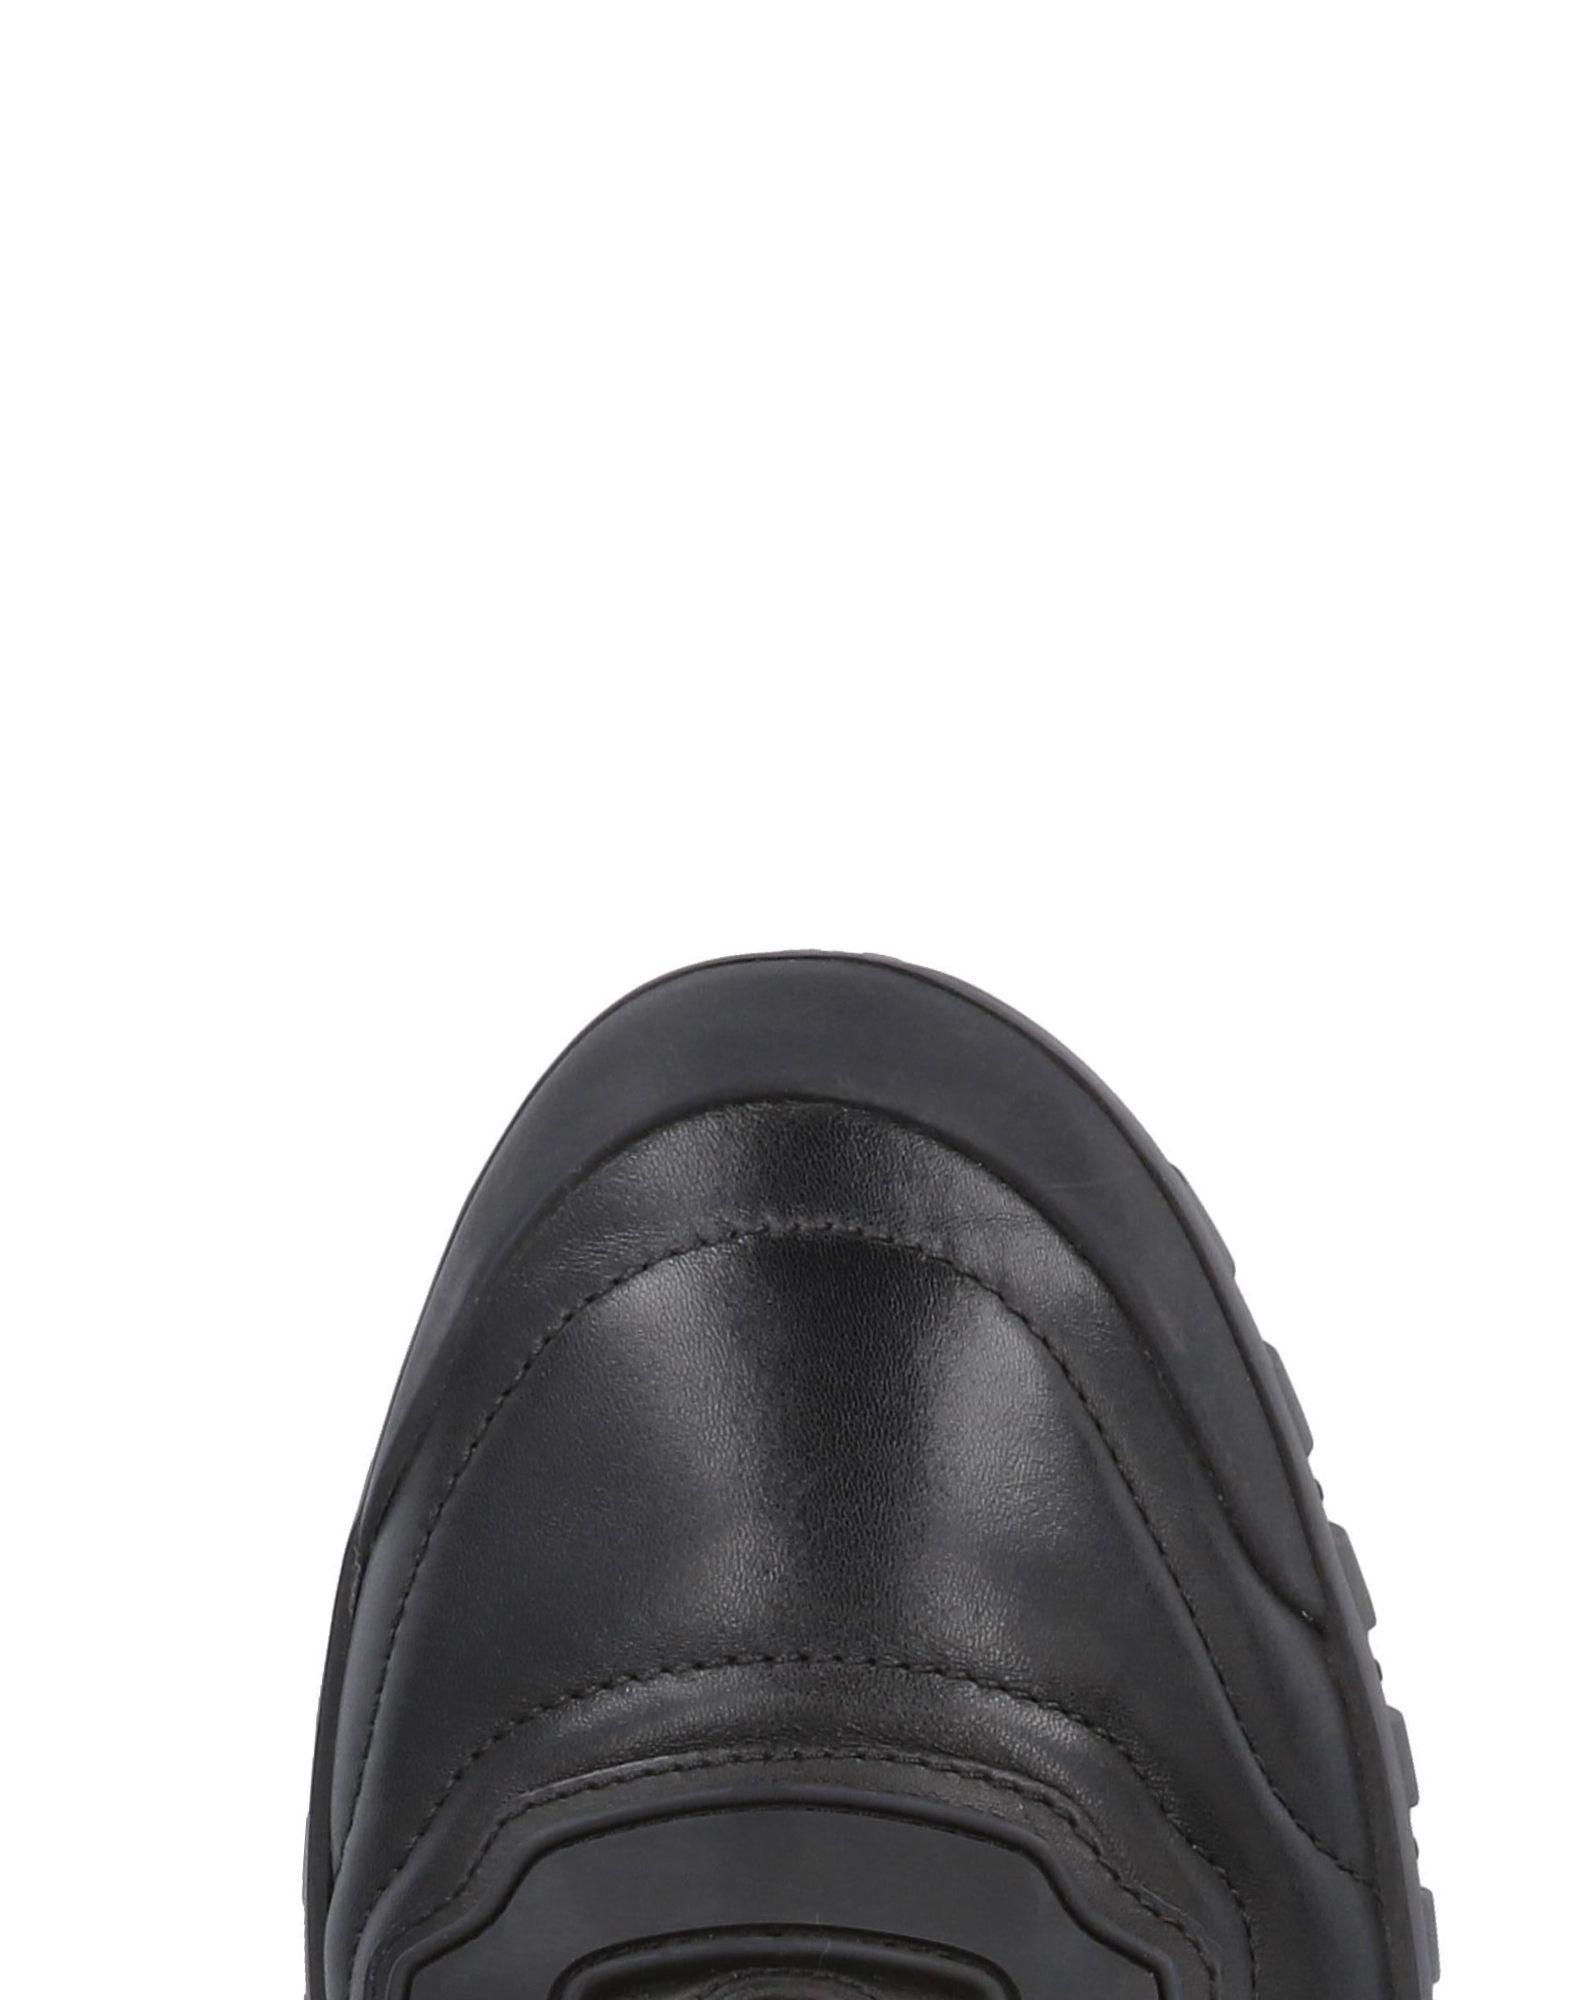 Prada Sport Sneakers Herren  11466200FM Gute Qualität Qualität Gute beliebte Schuhe 208ed1